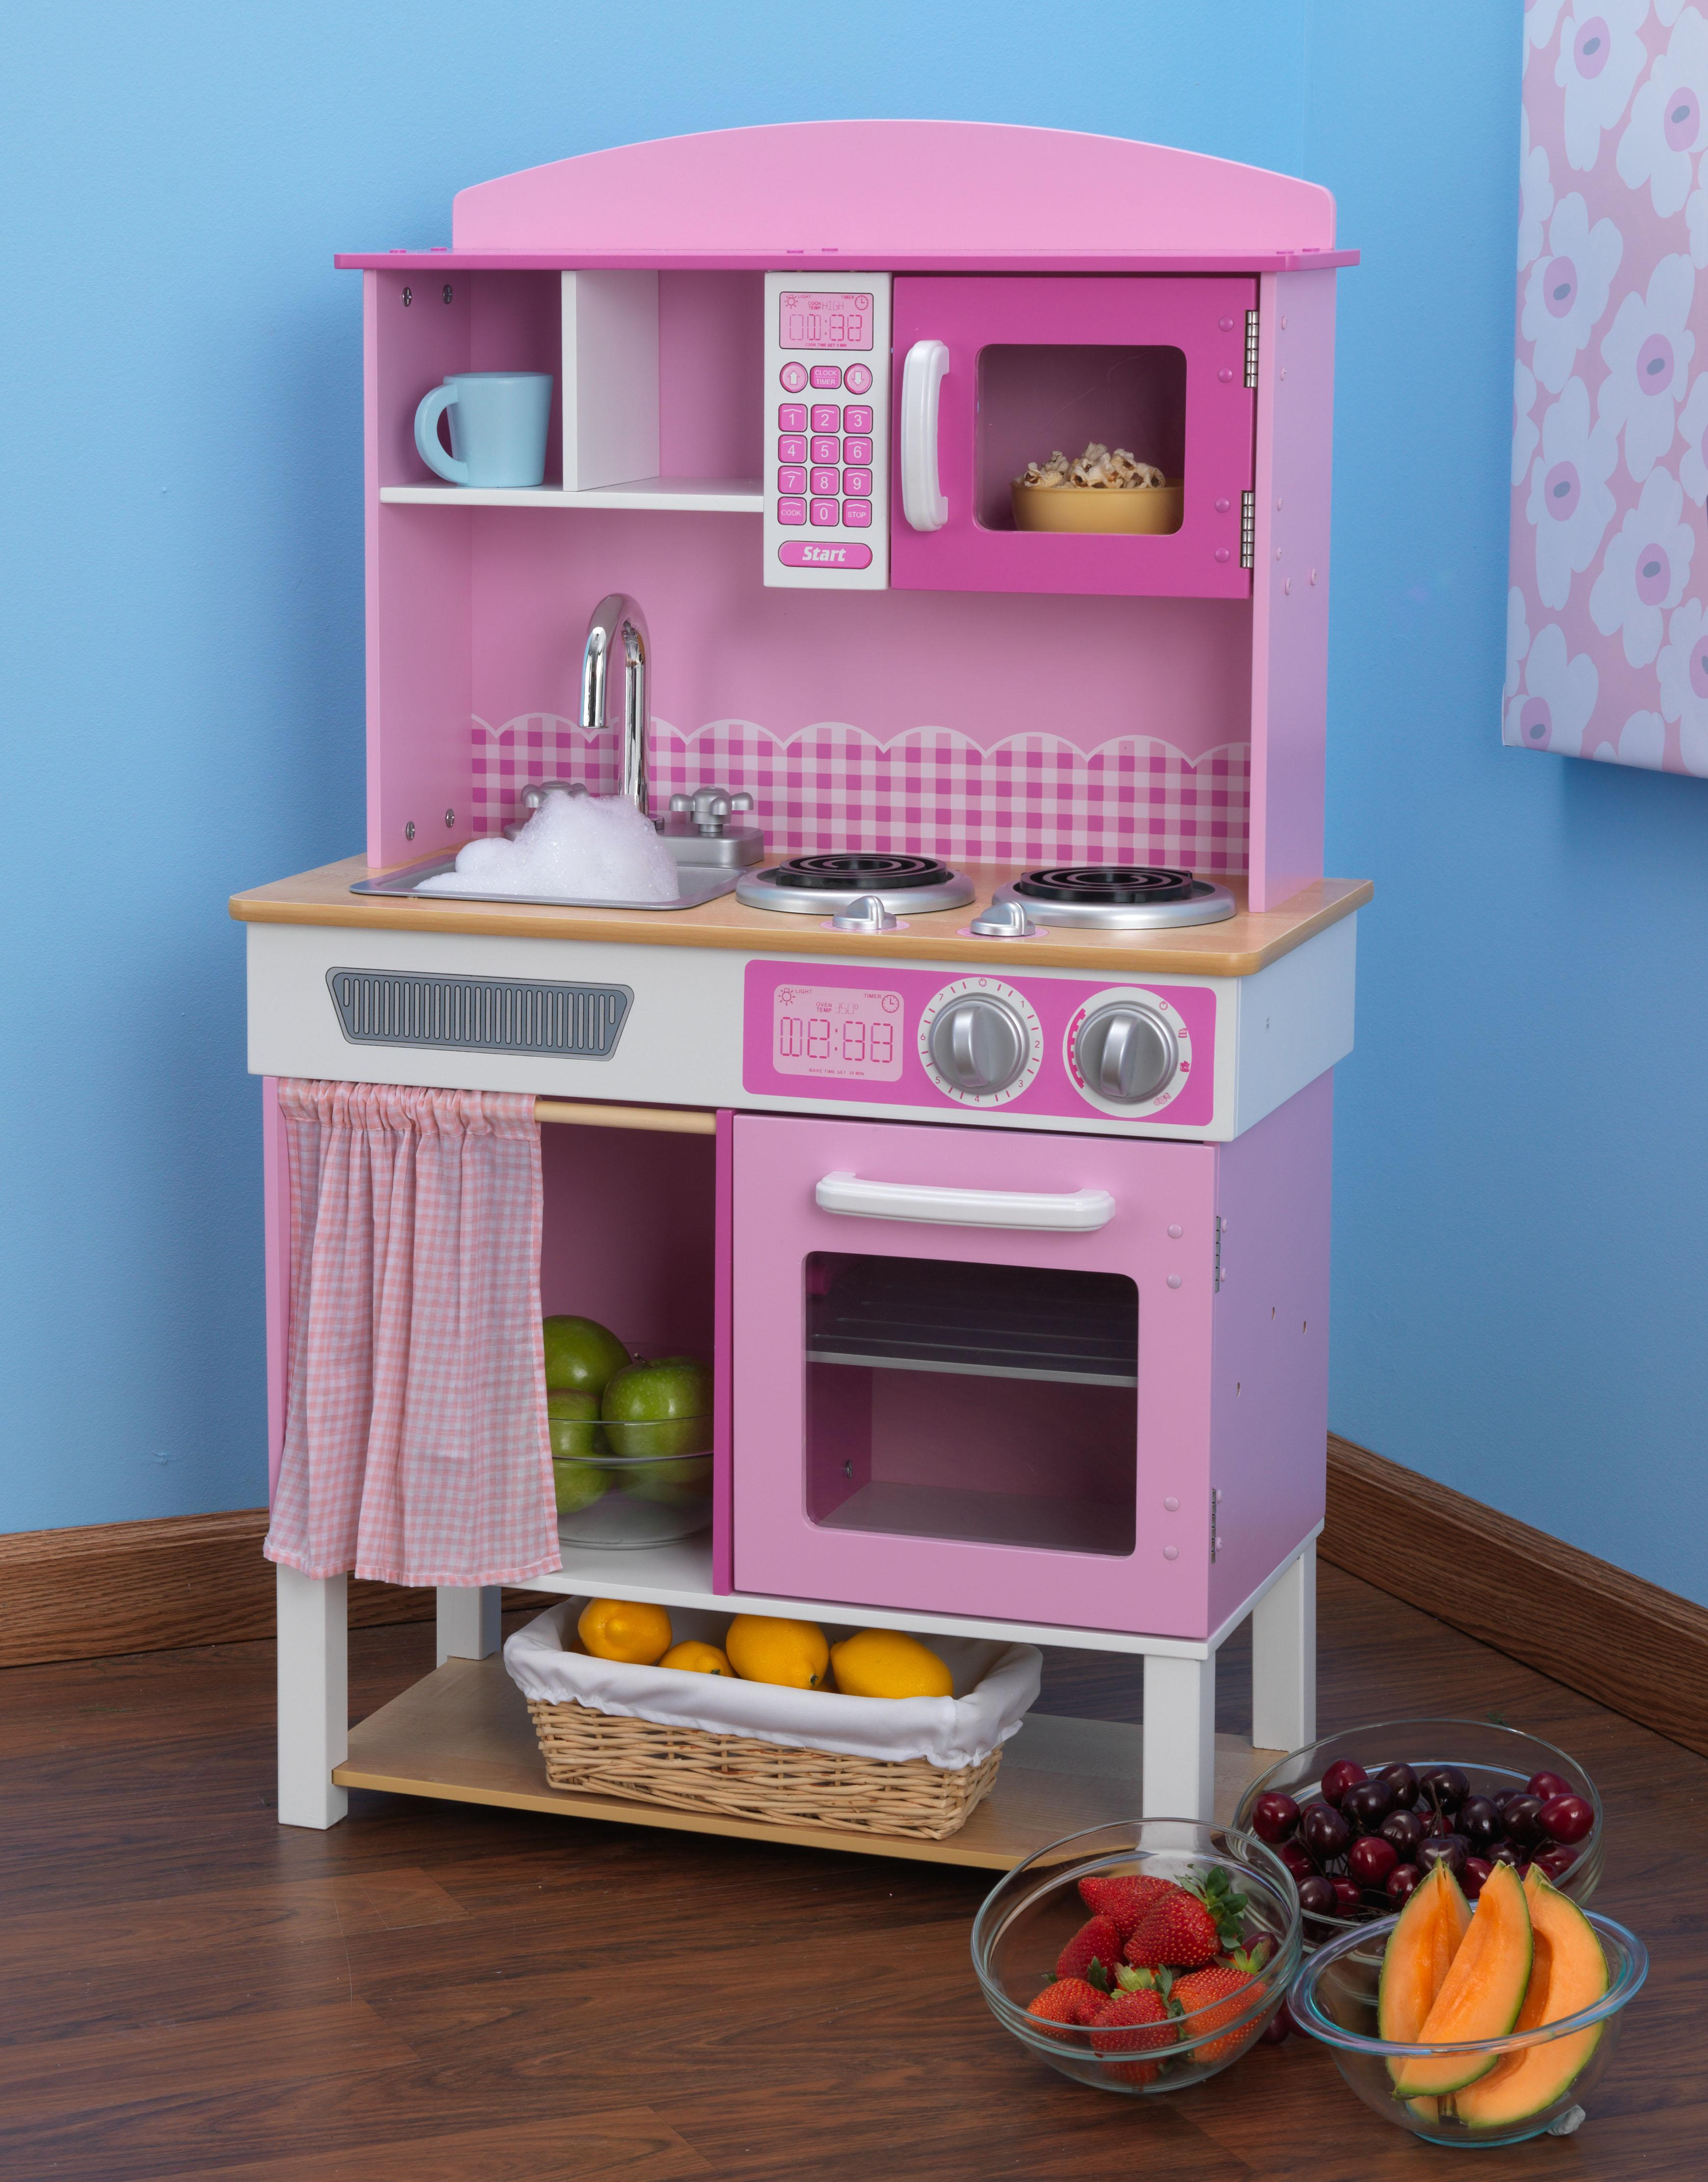 Kidkraft 53198 cucina giocattolo in legno per bambini home cookin 39 rosa giochi e - Cucine giocattolo in legno ...